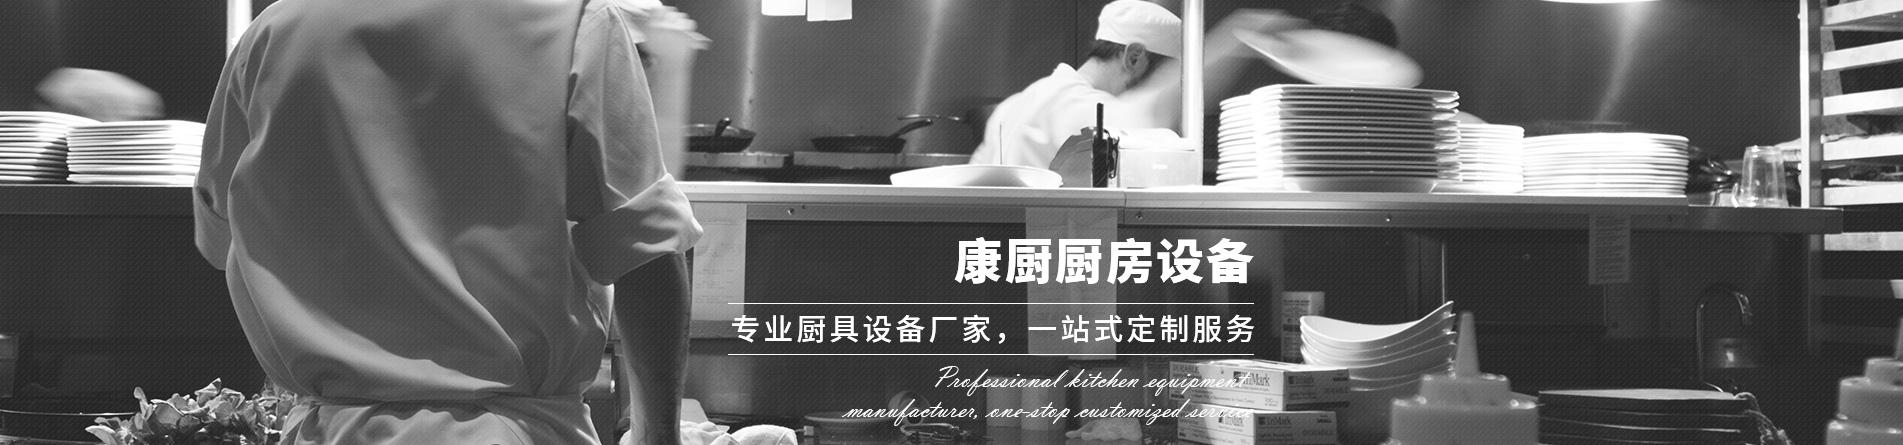 重庆酒店食堂厨房设备厂家